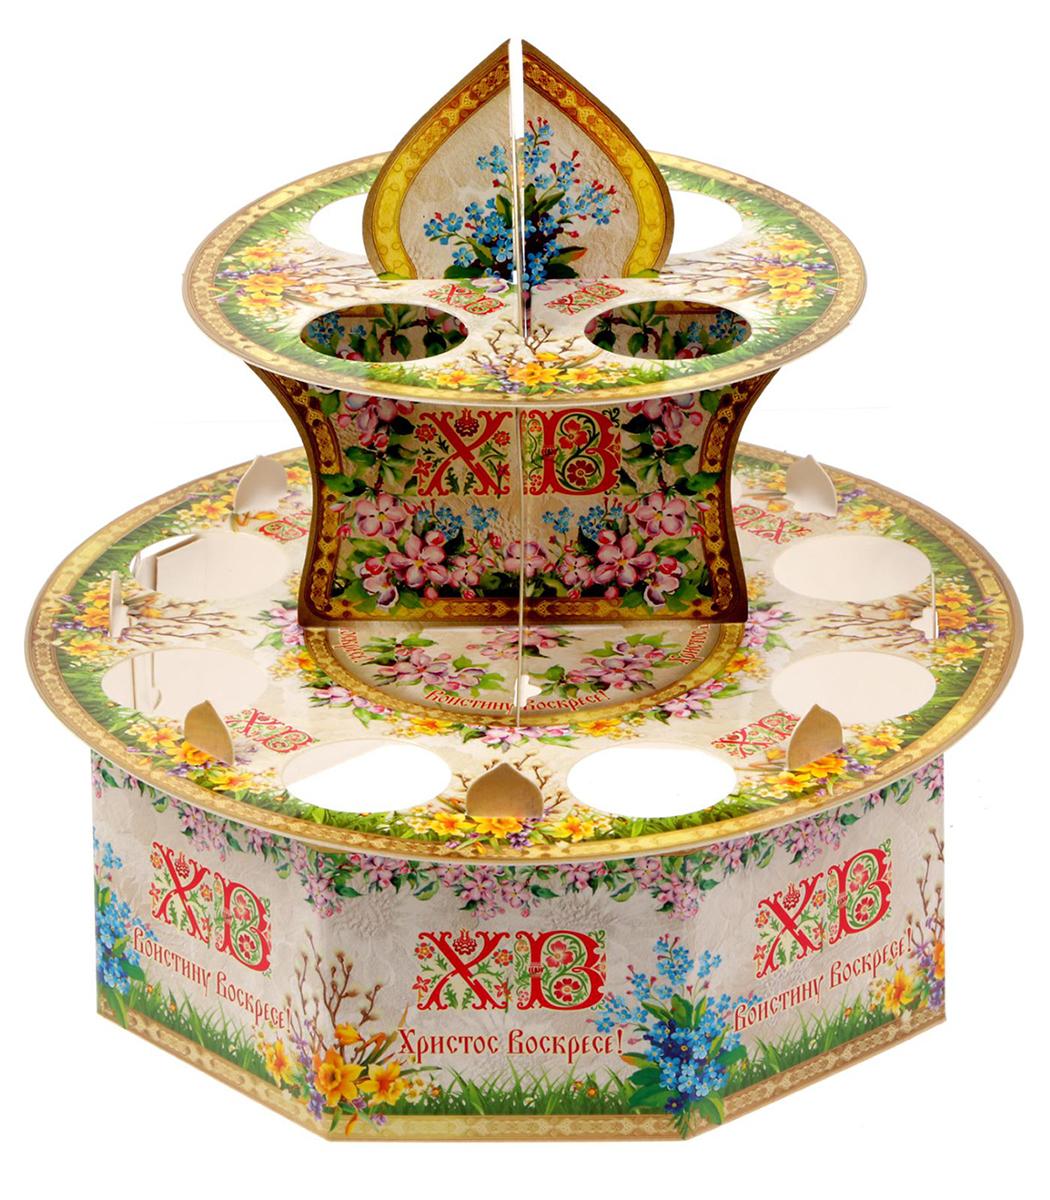 Подставка для яйца Цветочная, на 12 яиц, 20 х 20 см. 16757781675778От качества посуды зависит не только вкус еды, но и здоровье человека. Подставка пасхальная на 12 яиц Цветочная — товар, соответствующий российским стандартам качества. Любой хозяйке будет приятно держать его в руках. С данной посудой и кухонной утварью приготовление еды и сервировка стола превратятся в настоящий праздник.